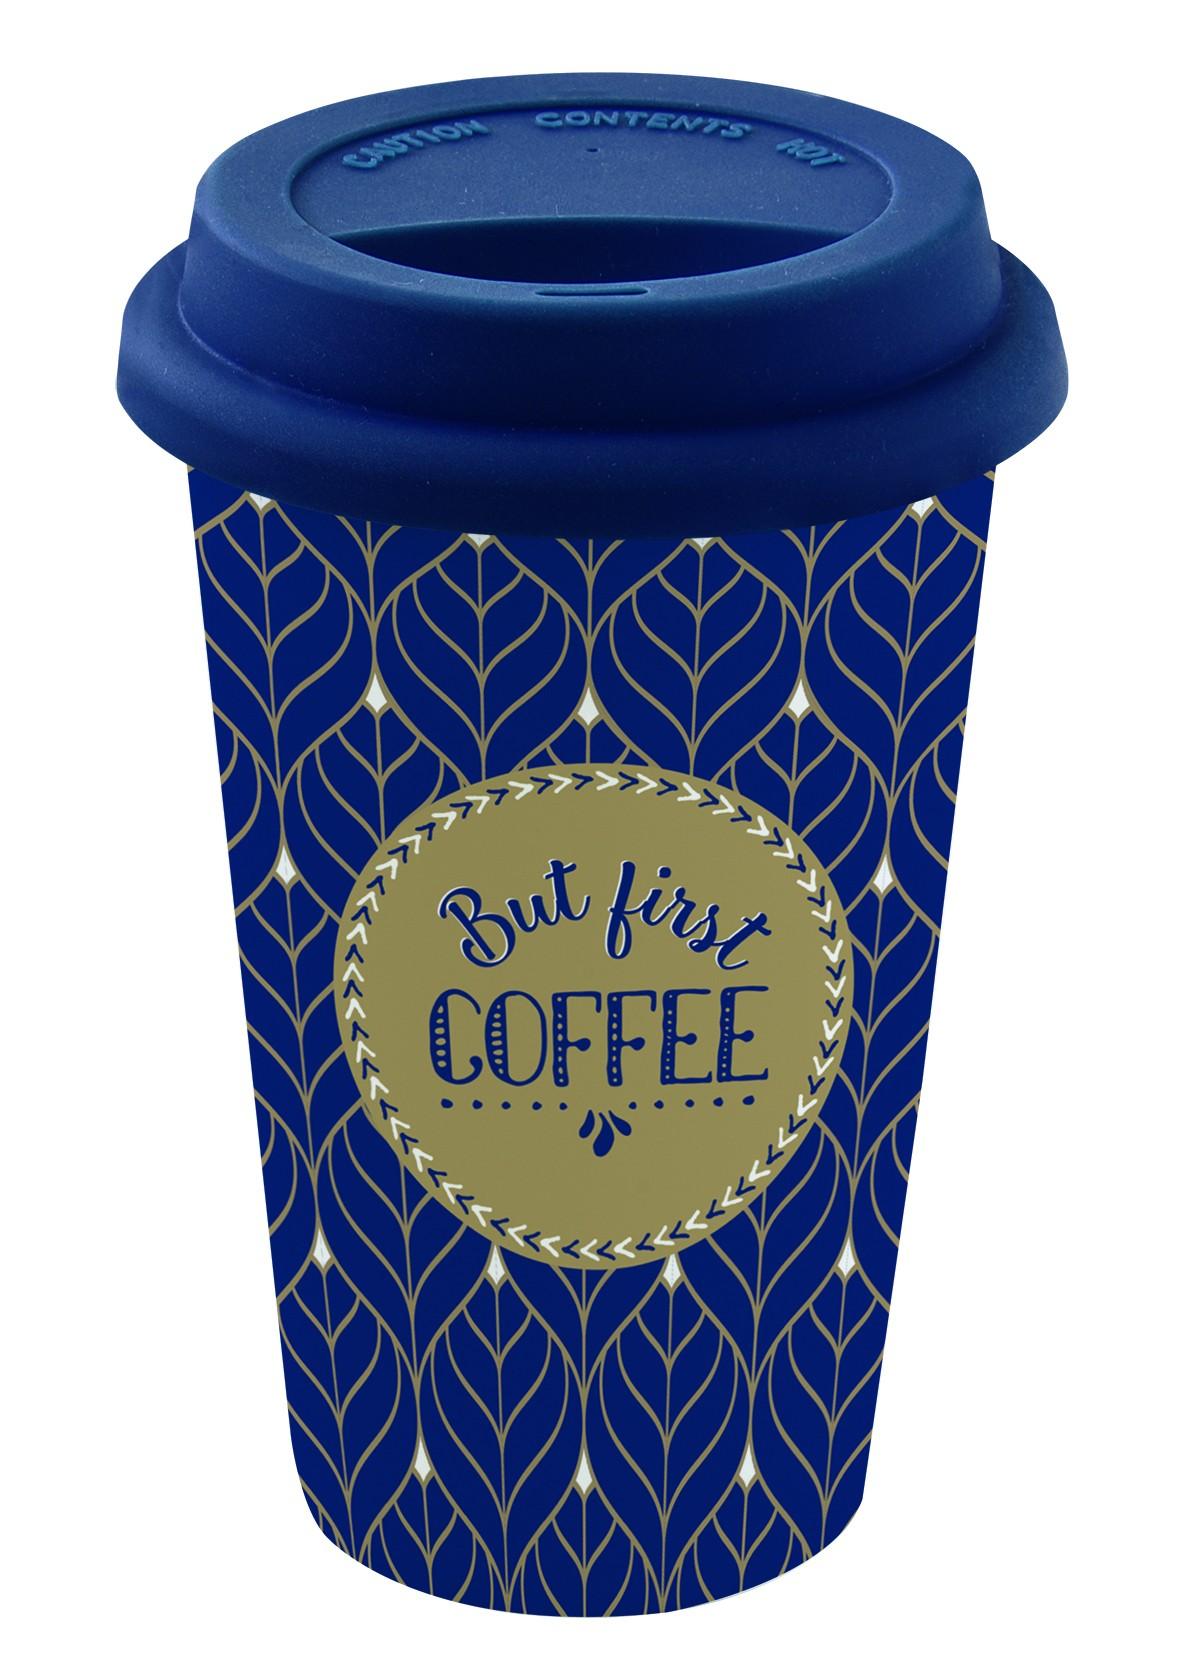 Ποτήρι Coffee Ισοθερμικό Fine Bone China 350ml Marva Home home   ειδη cafe τσαϊ   κούπες   φλυτζάνια